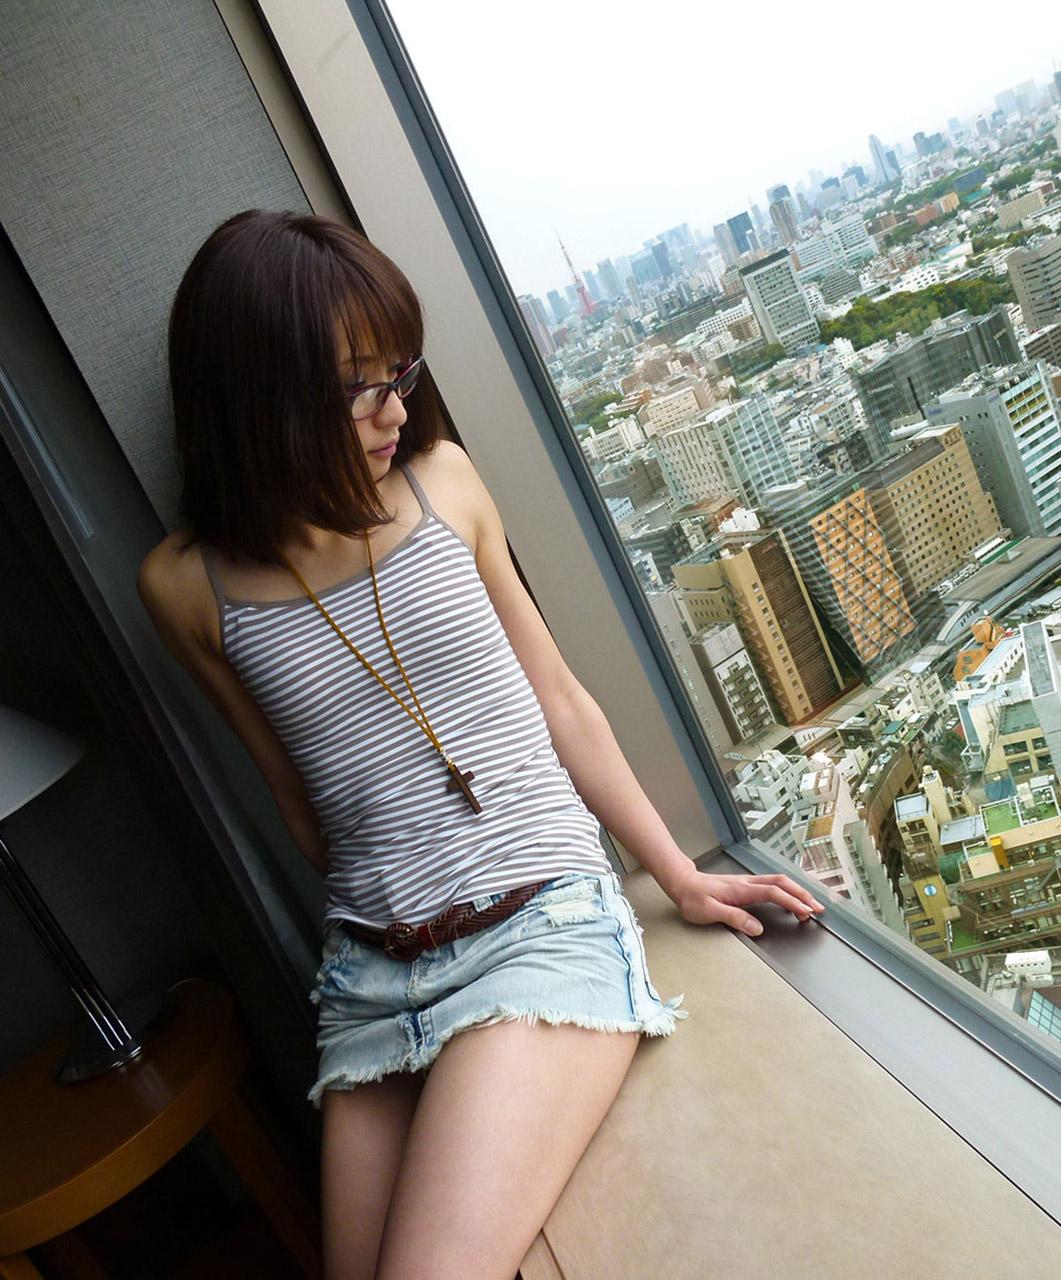 セクシーメガネ美女エロ画像01